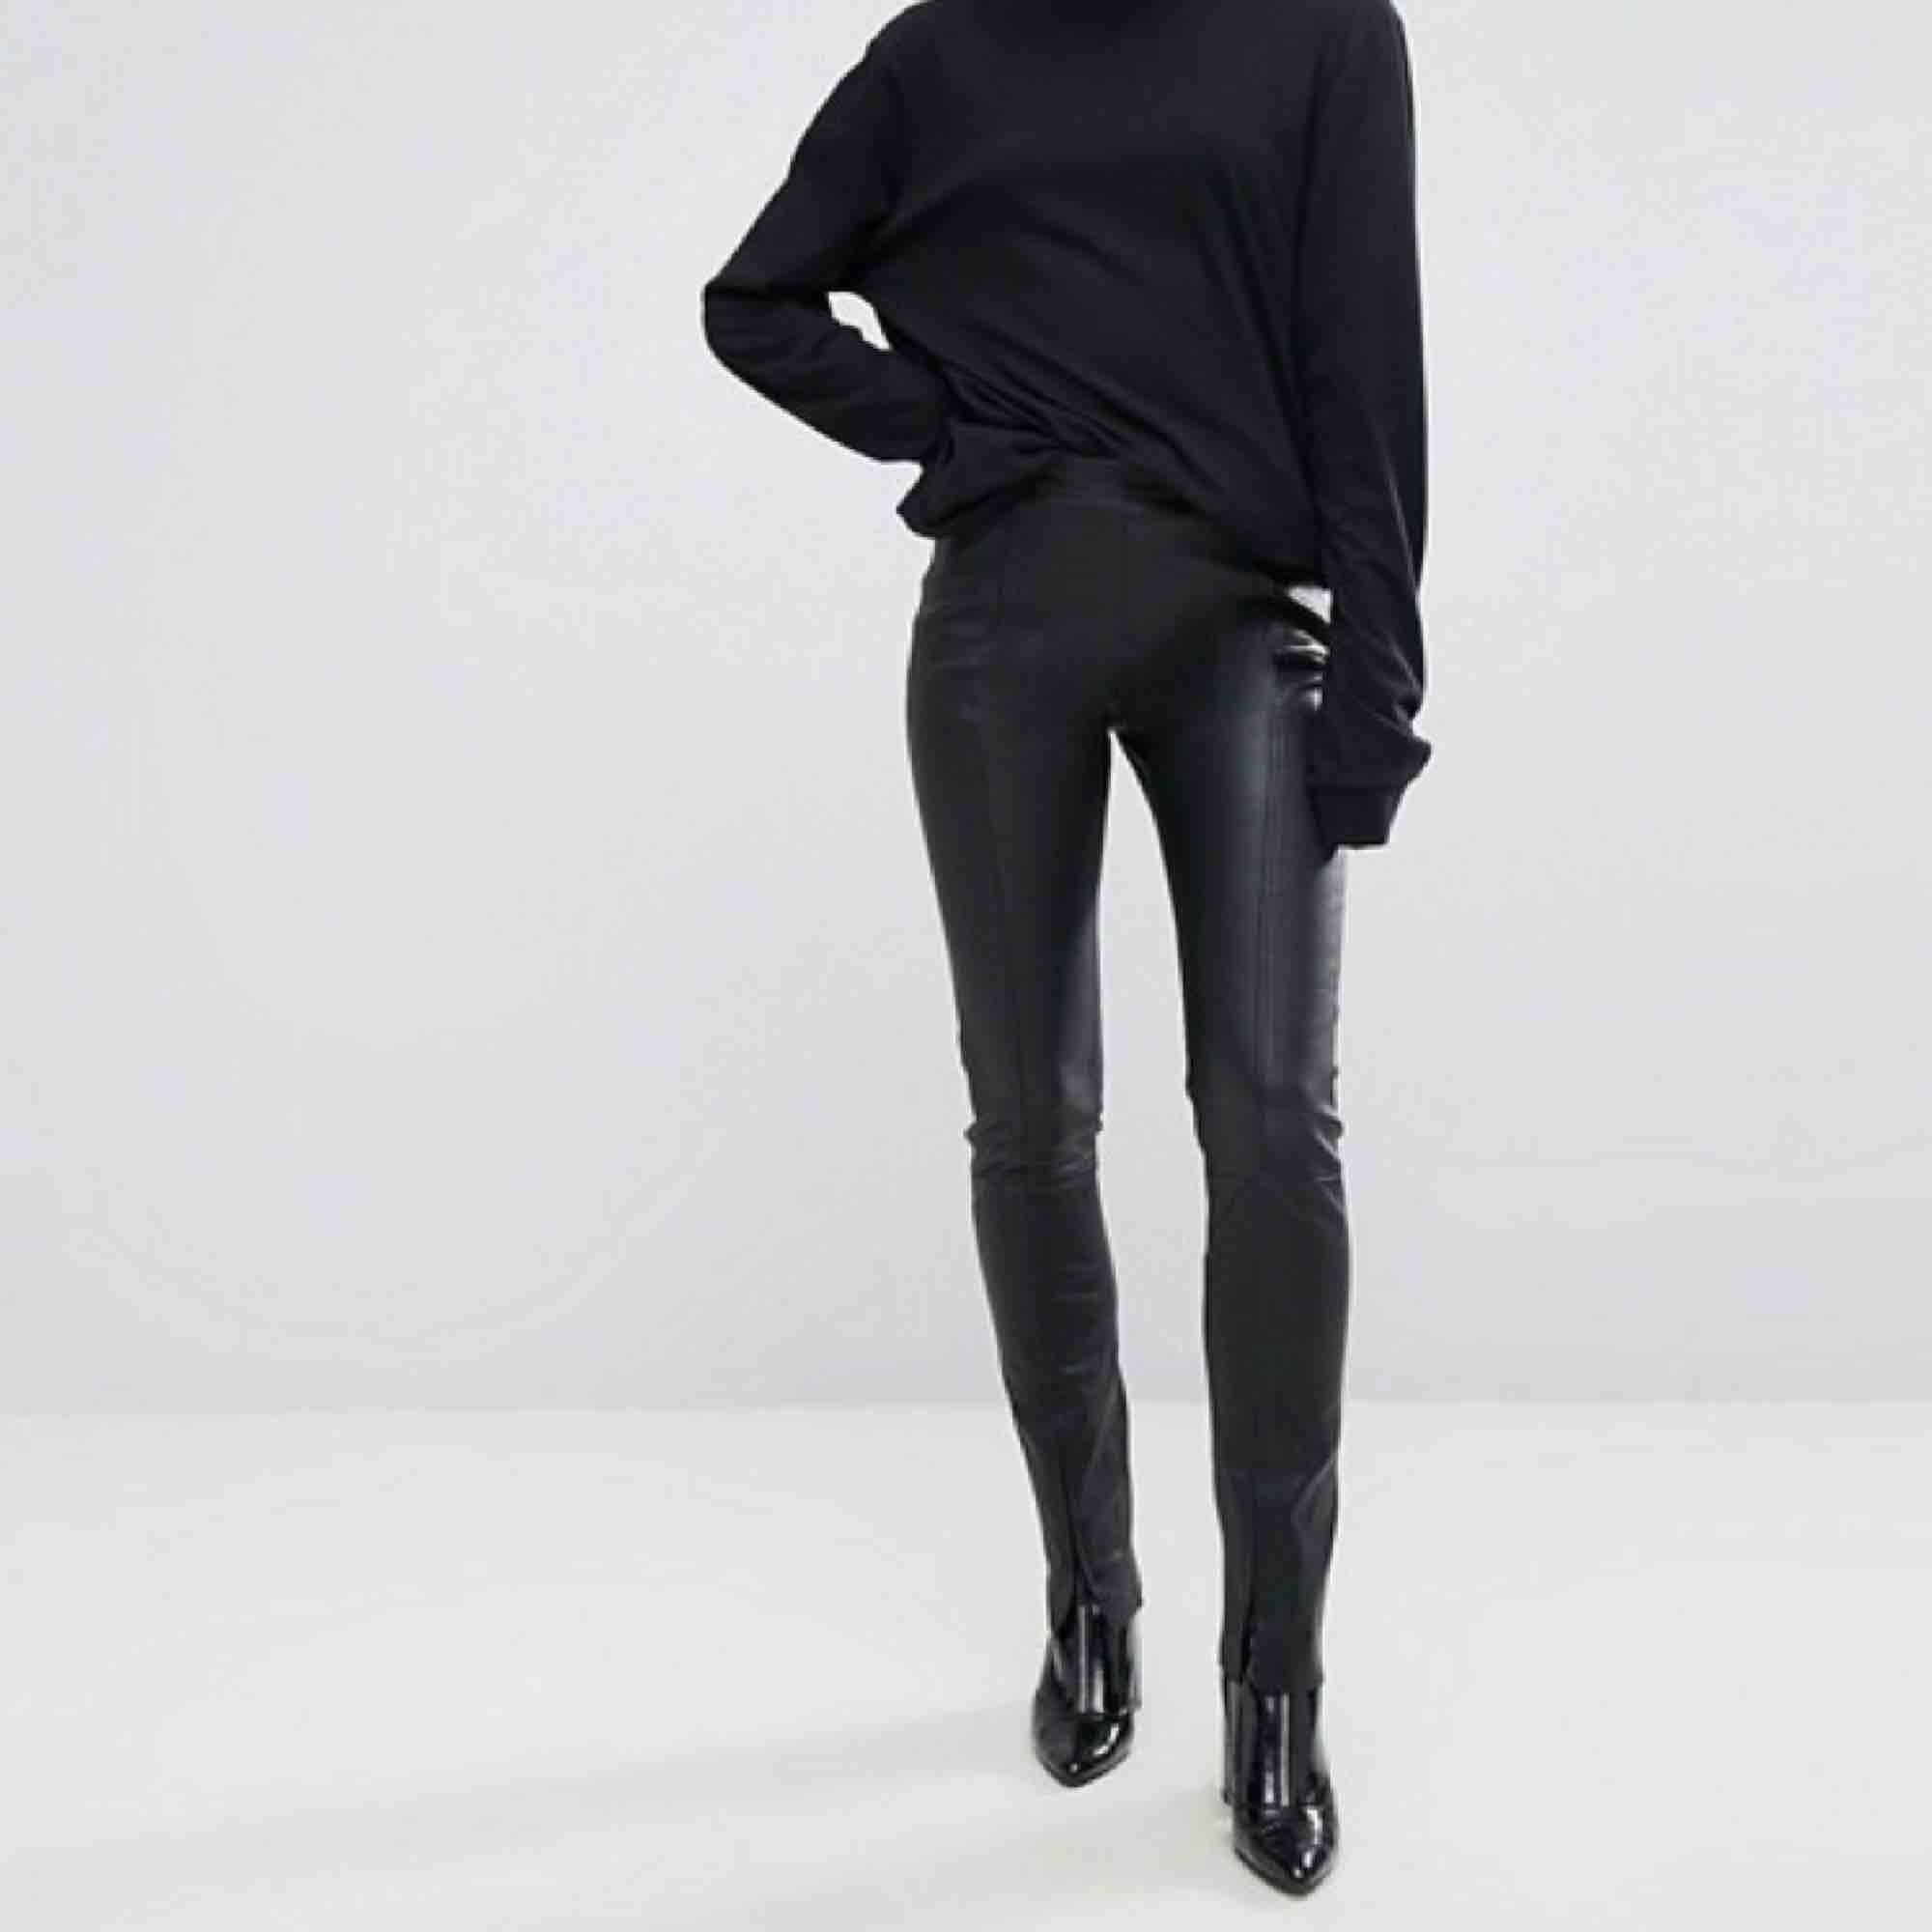 Limited edition skinnbyxor (100% läder) från Weekday. Sitter som en smäck och är något stretchiga så väldigt bekväma! Dragkedjor fram (på smalbenen) - se bilder. Så fina men används för sällan, nypris 2500kr och använda 2-3ggr!✨ frakt 63kr. Jeans & Byxor.